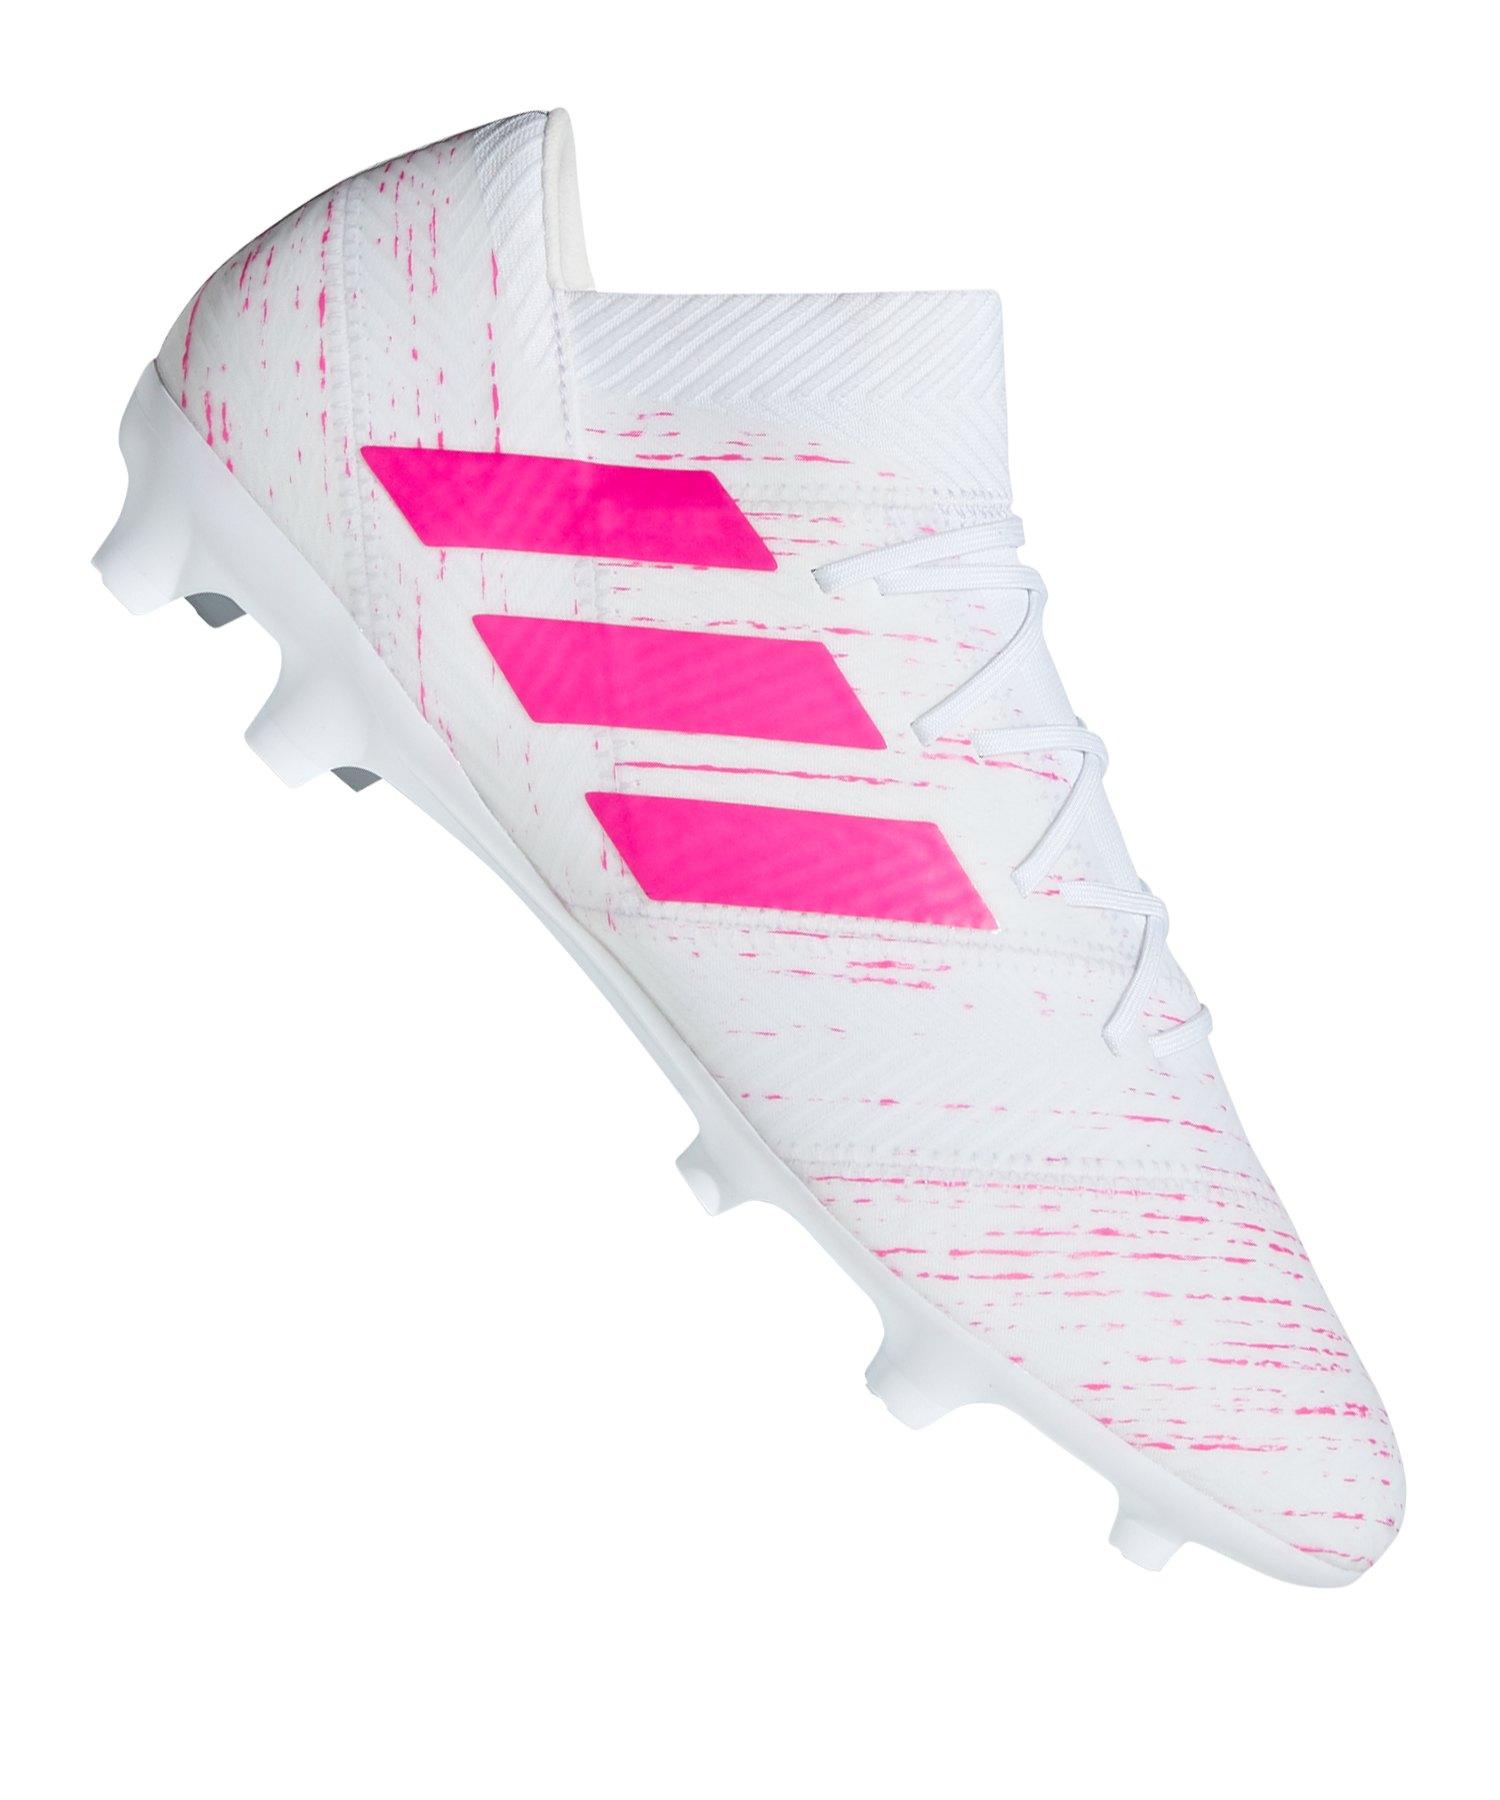 adidas NEMEZIZ 18.2 FG Weiss Pink - weiss